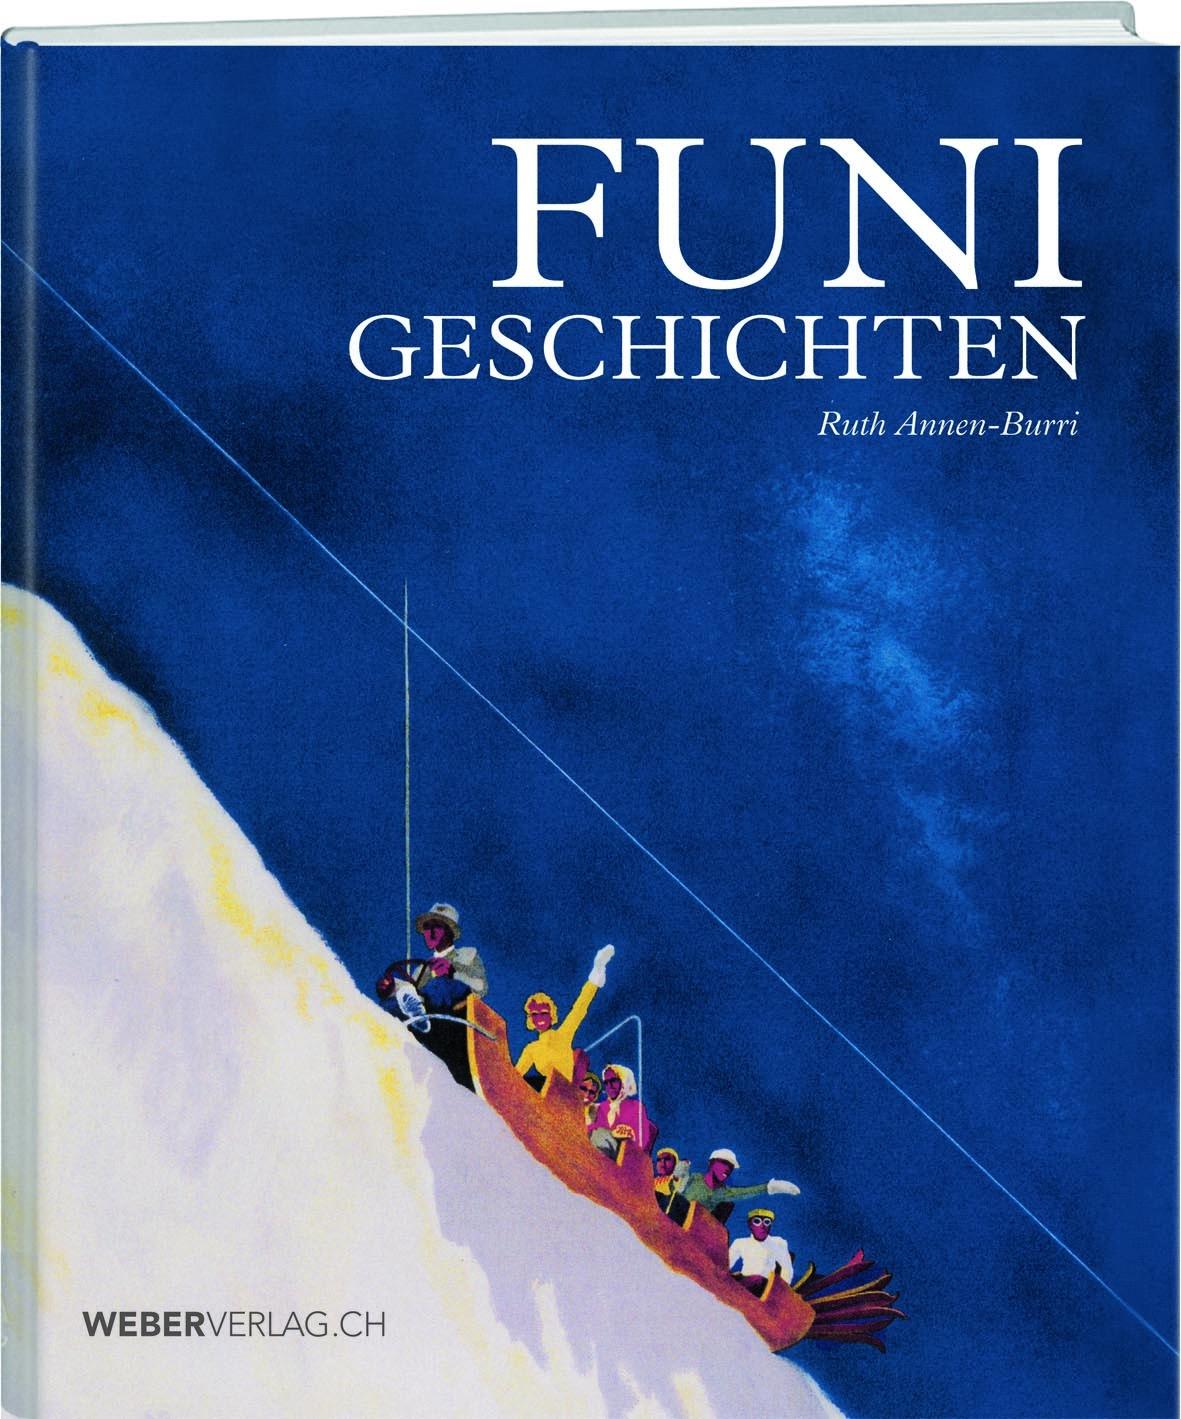 Funigeschichten-Ruth-Annen-Burri